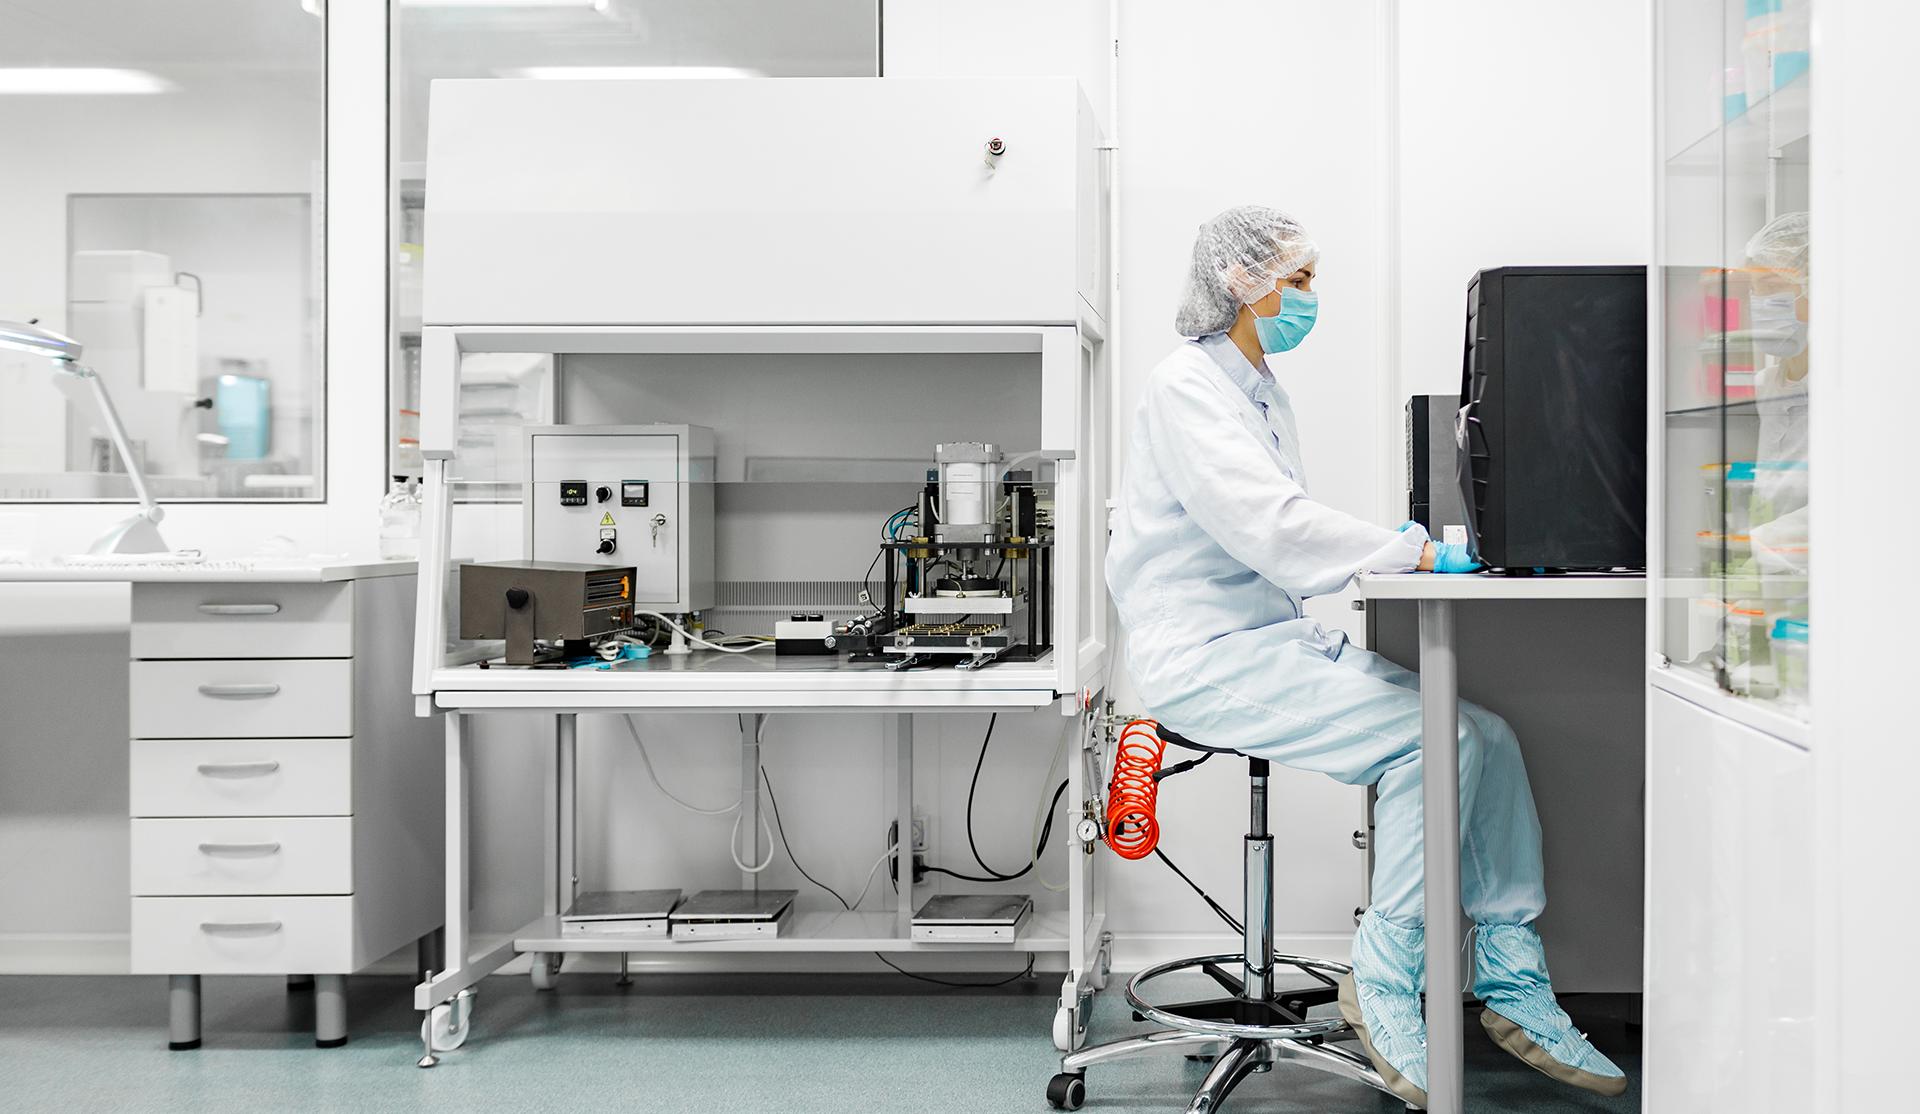 mujer trabajando en laboratorio farmacéutico